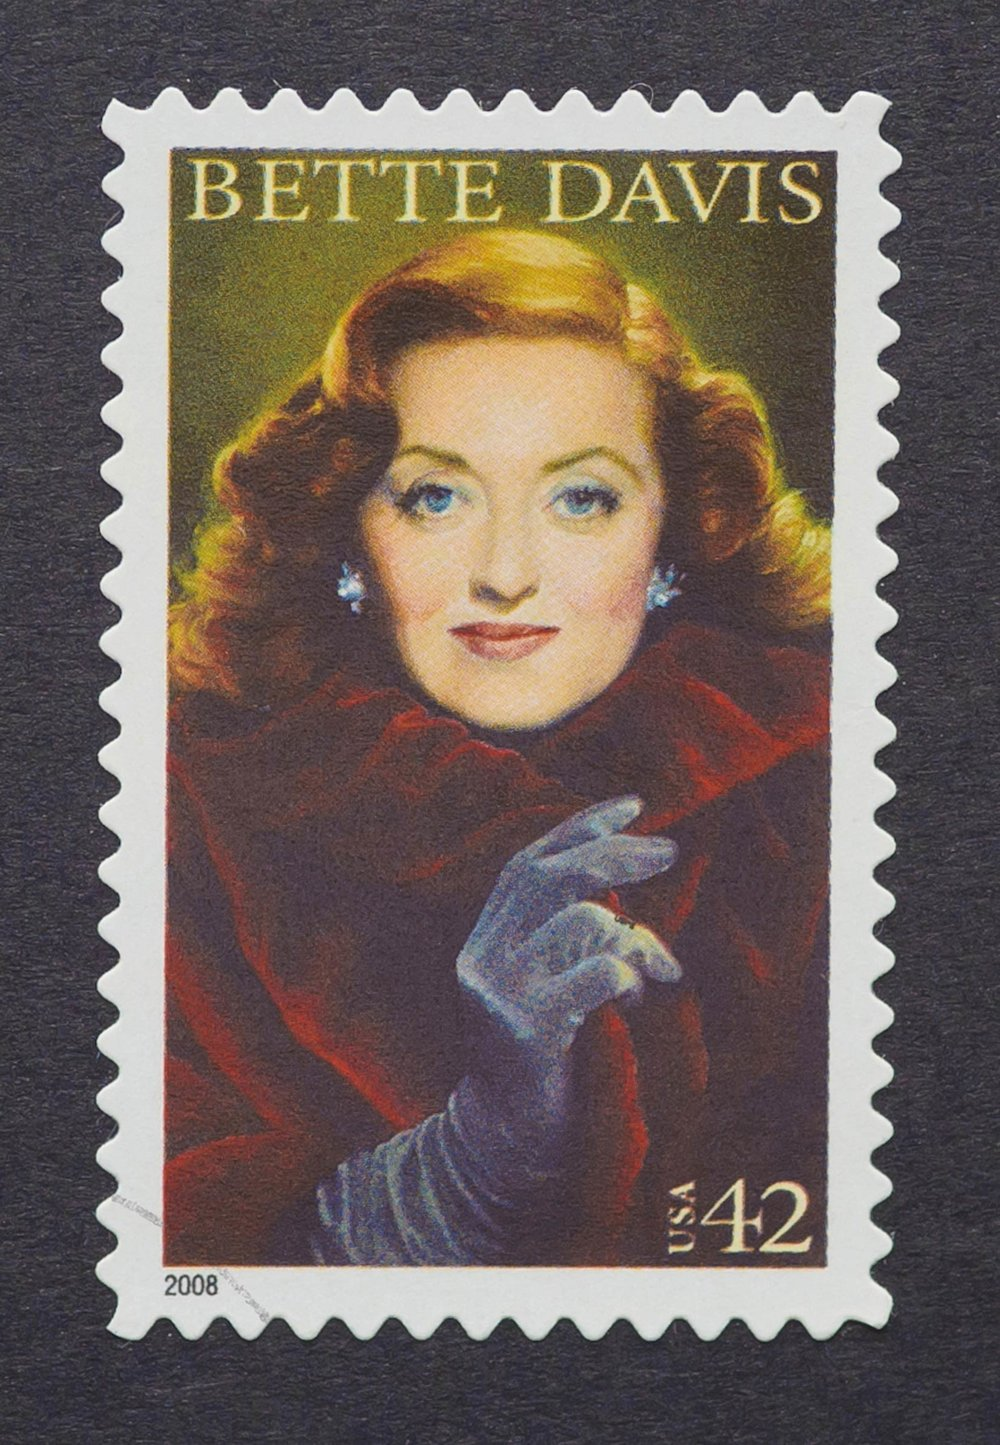 印有好萊塢影星Bette Davis胸像的郵票;Heracles Kritikos/ Shutterstock.com;